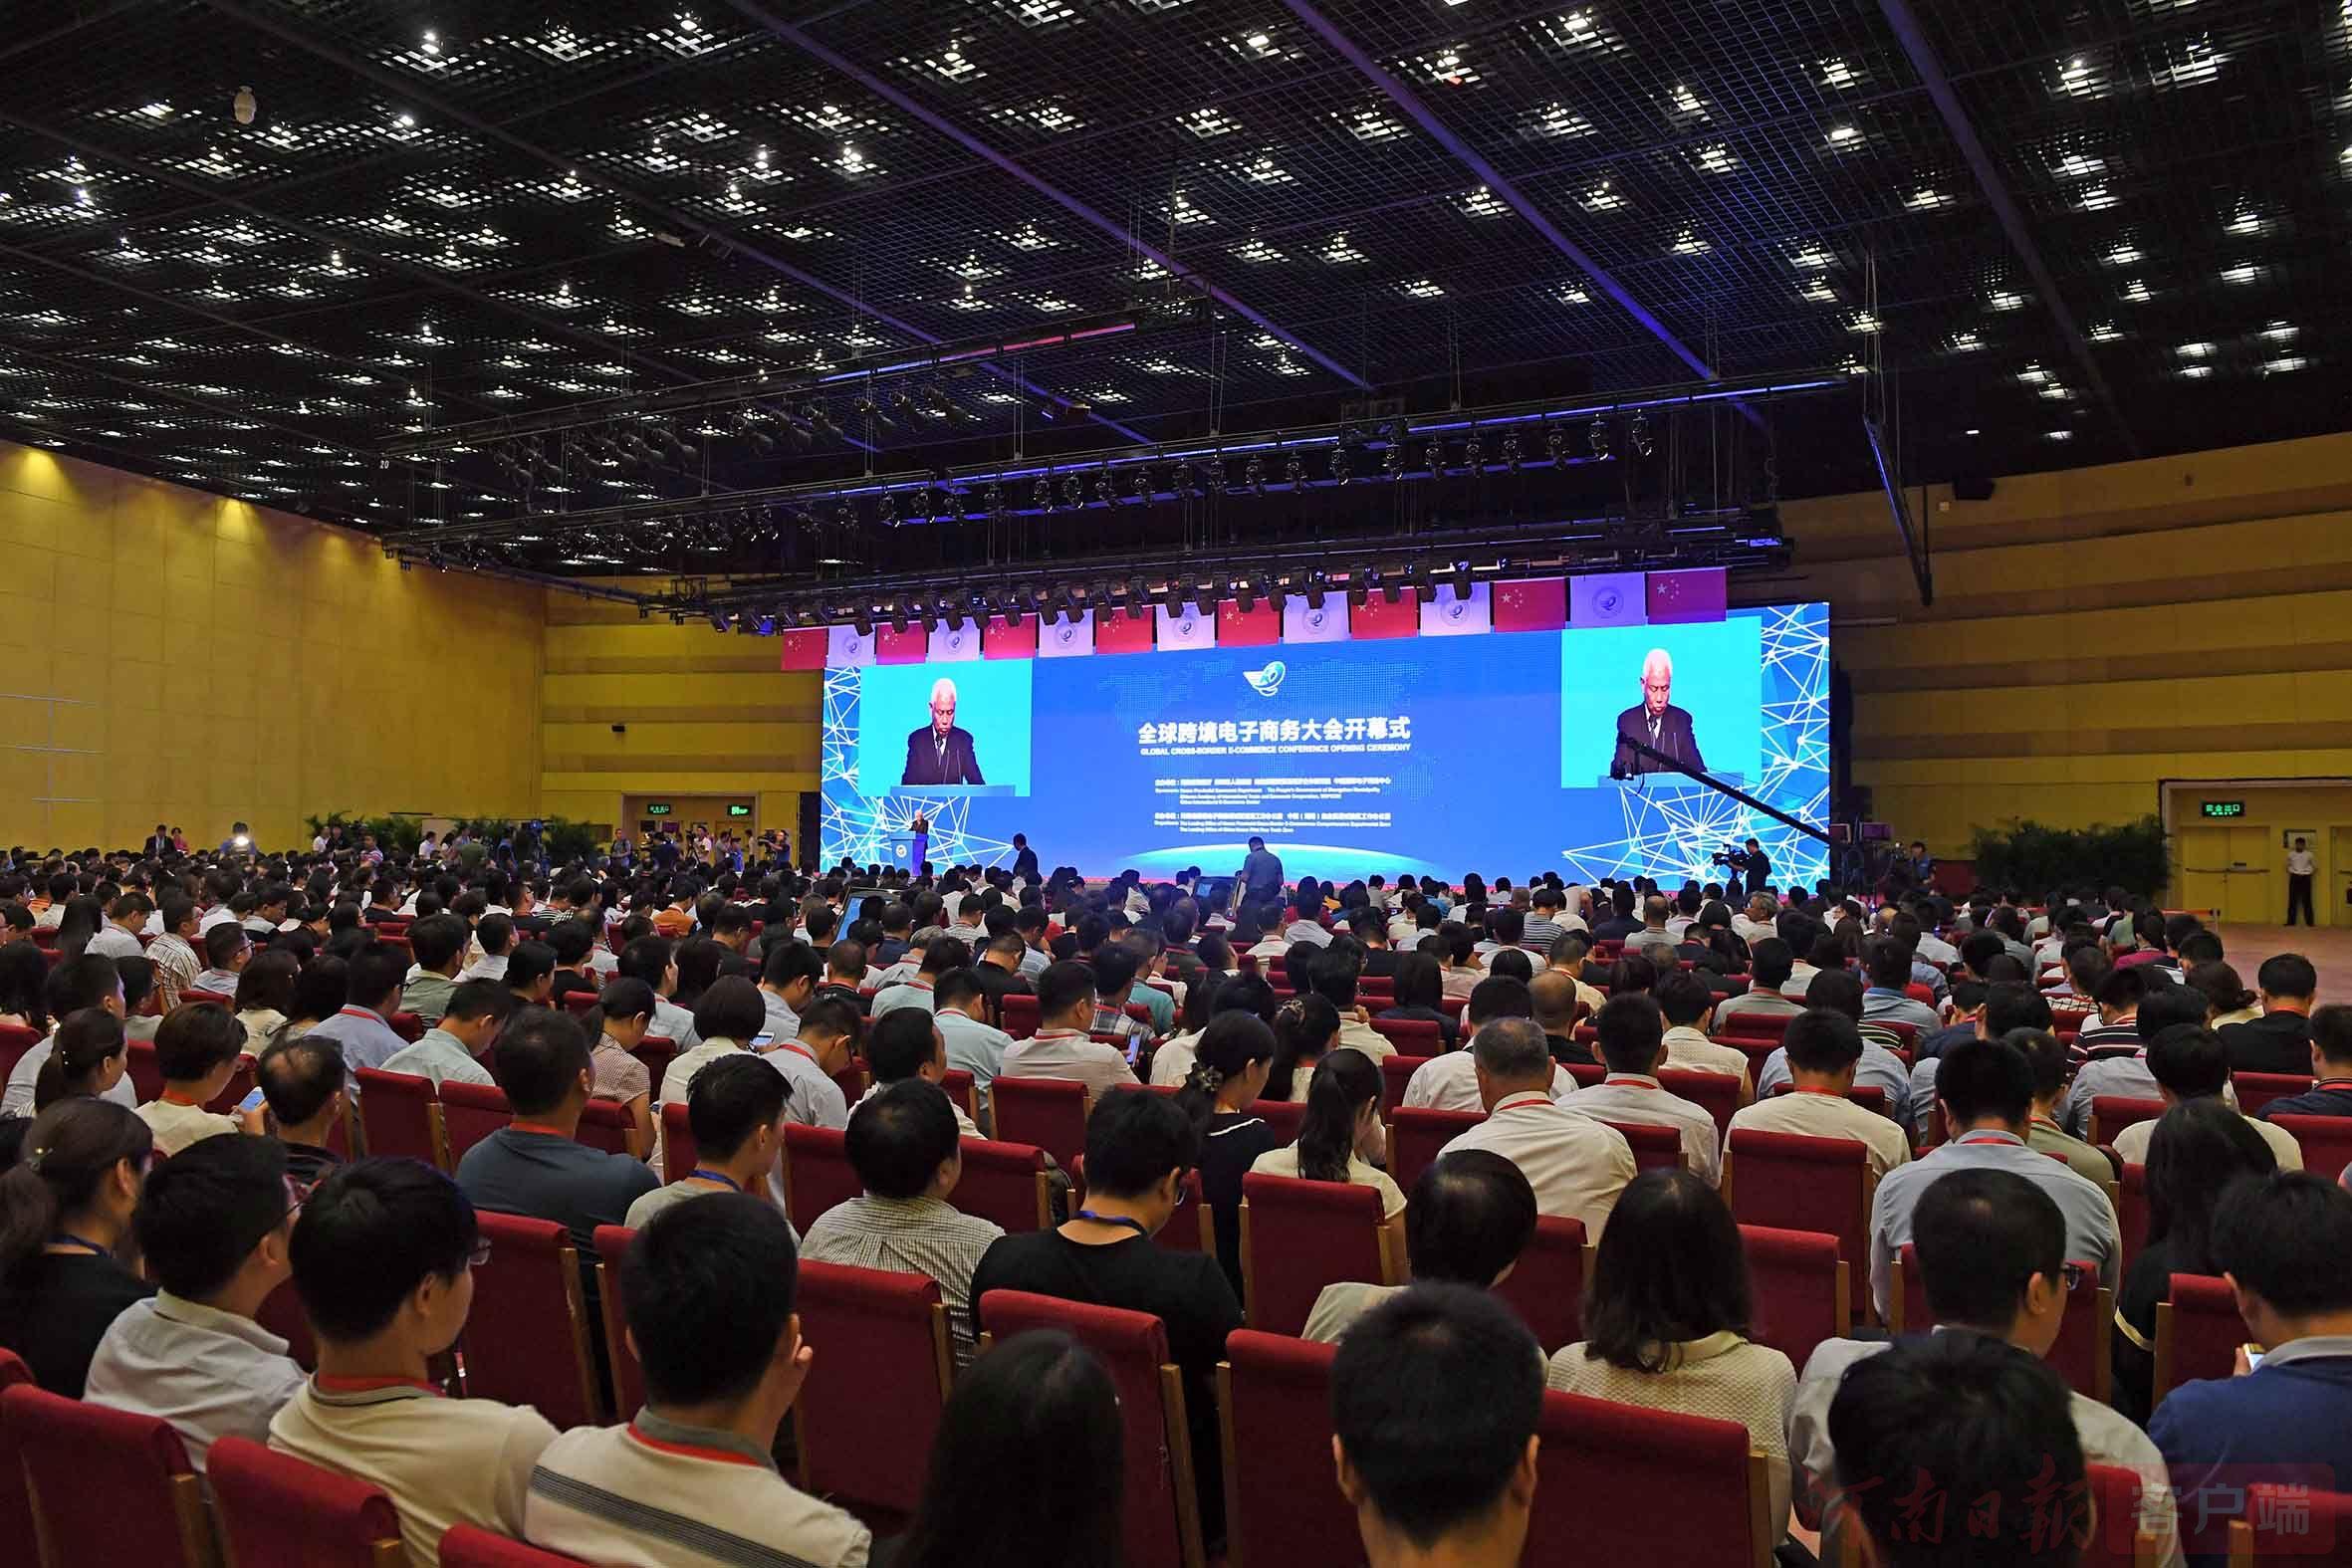 世界 E 线牵 上 全球跨境电子商务大会召开 河南将如何发力图片 459108 2362x1575